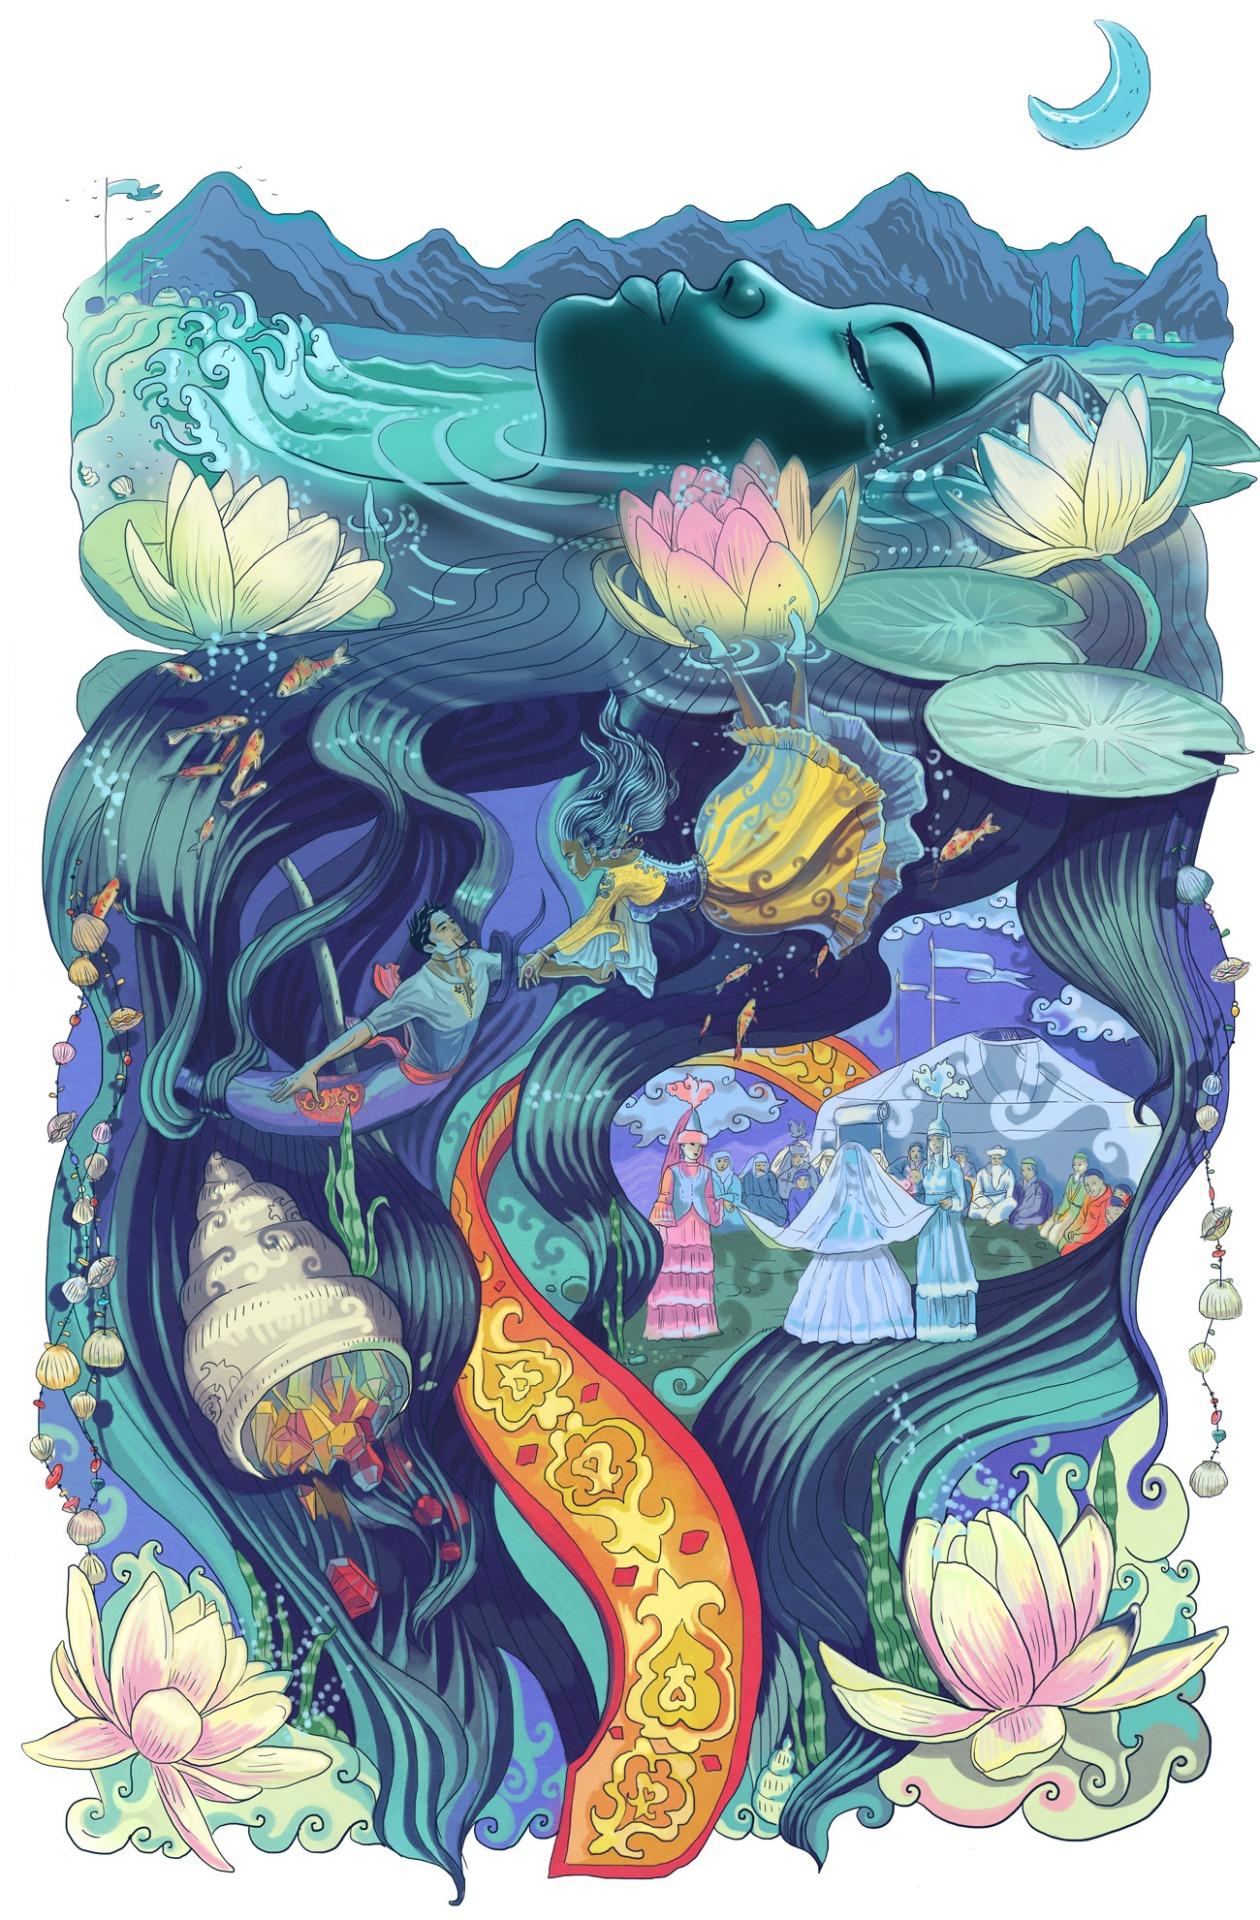 mimi ilnitskaya illustration 12